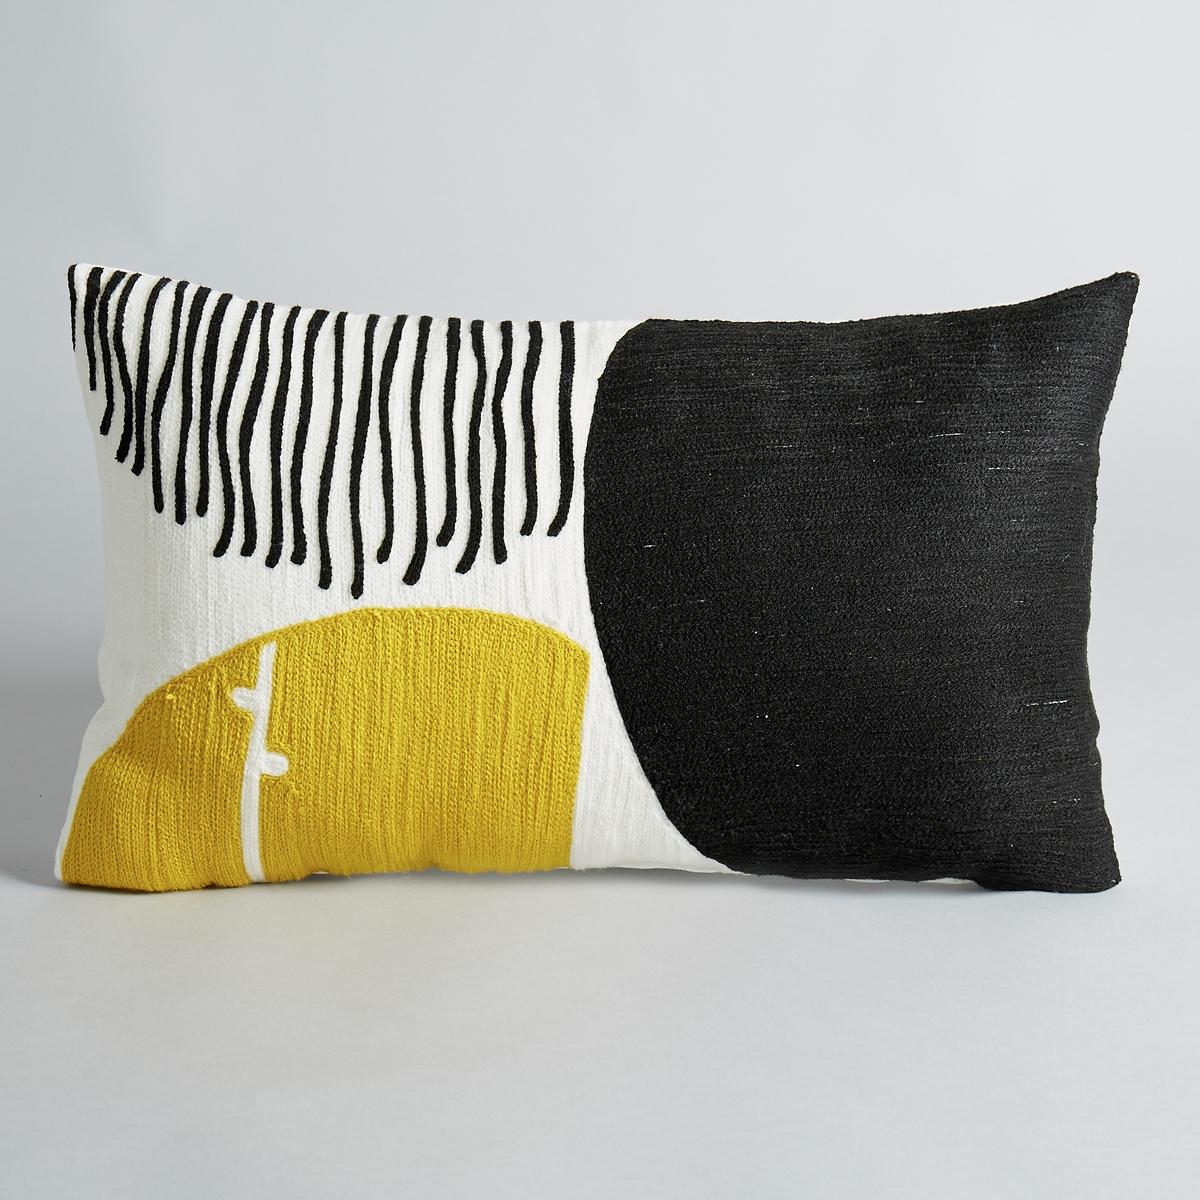 Чехол на подушку с вышивкой  Mihn?aРисунок в горох. С вышивкой по всей поверхности. 100 % хлопка.Рисунок в чёрно-жёлтый горох.Размеры:. 50 x 30 см.<br><br>Цвет: желтый/черный